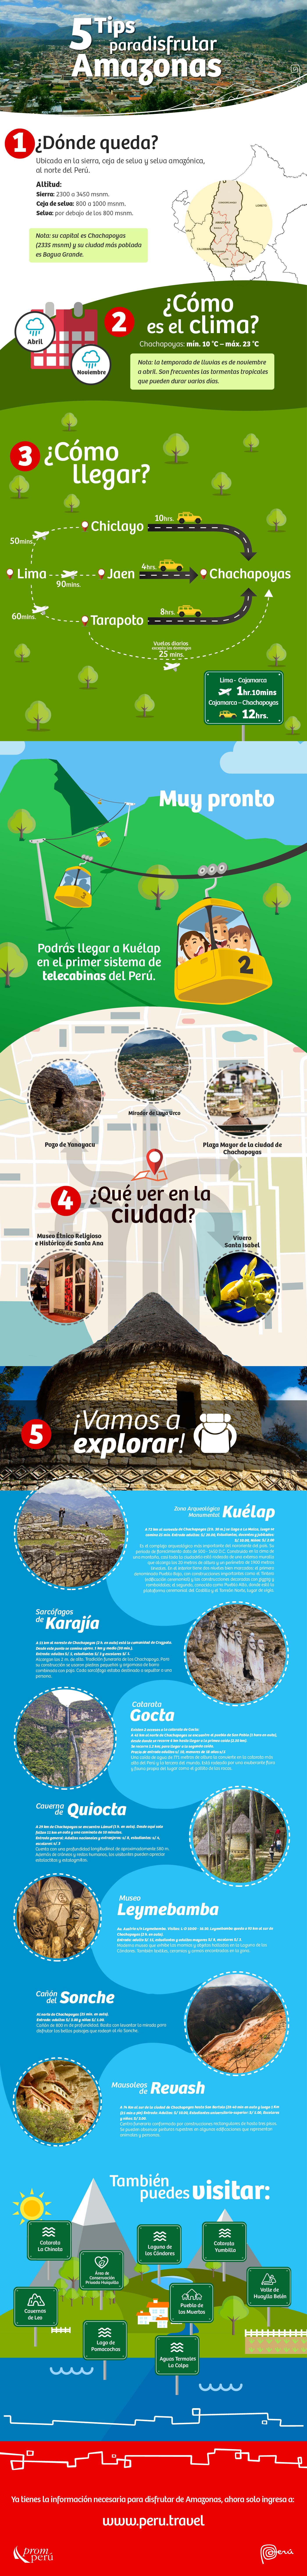 Tips para disfrutar de la región de Amazonas